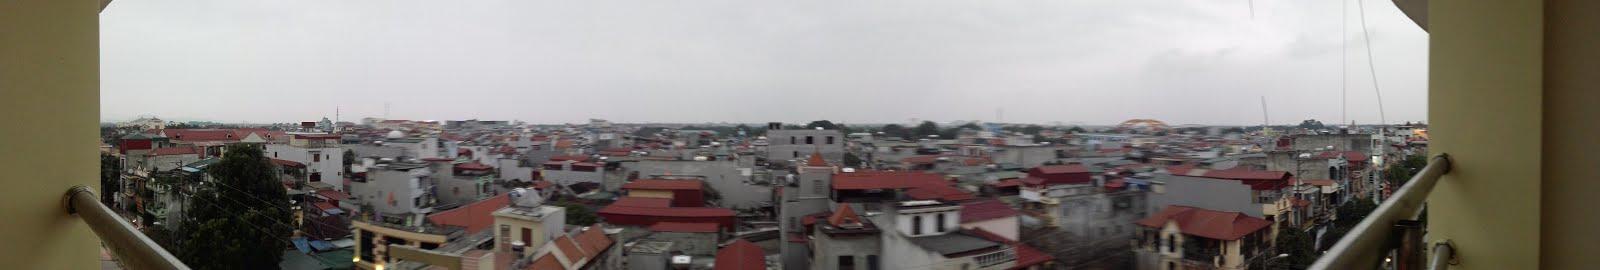 View of Phủ Lý